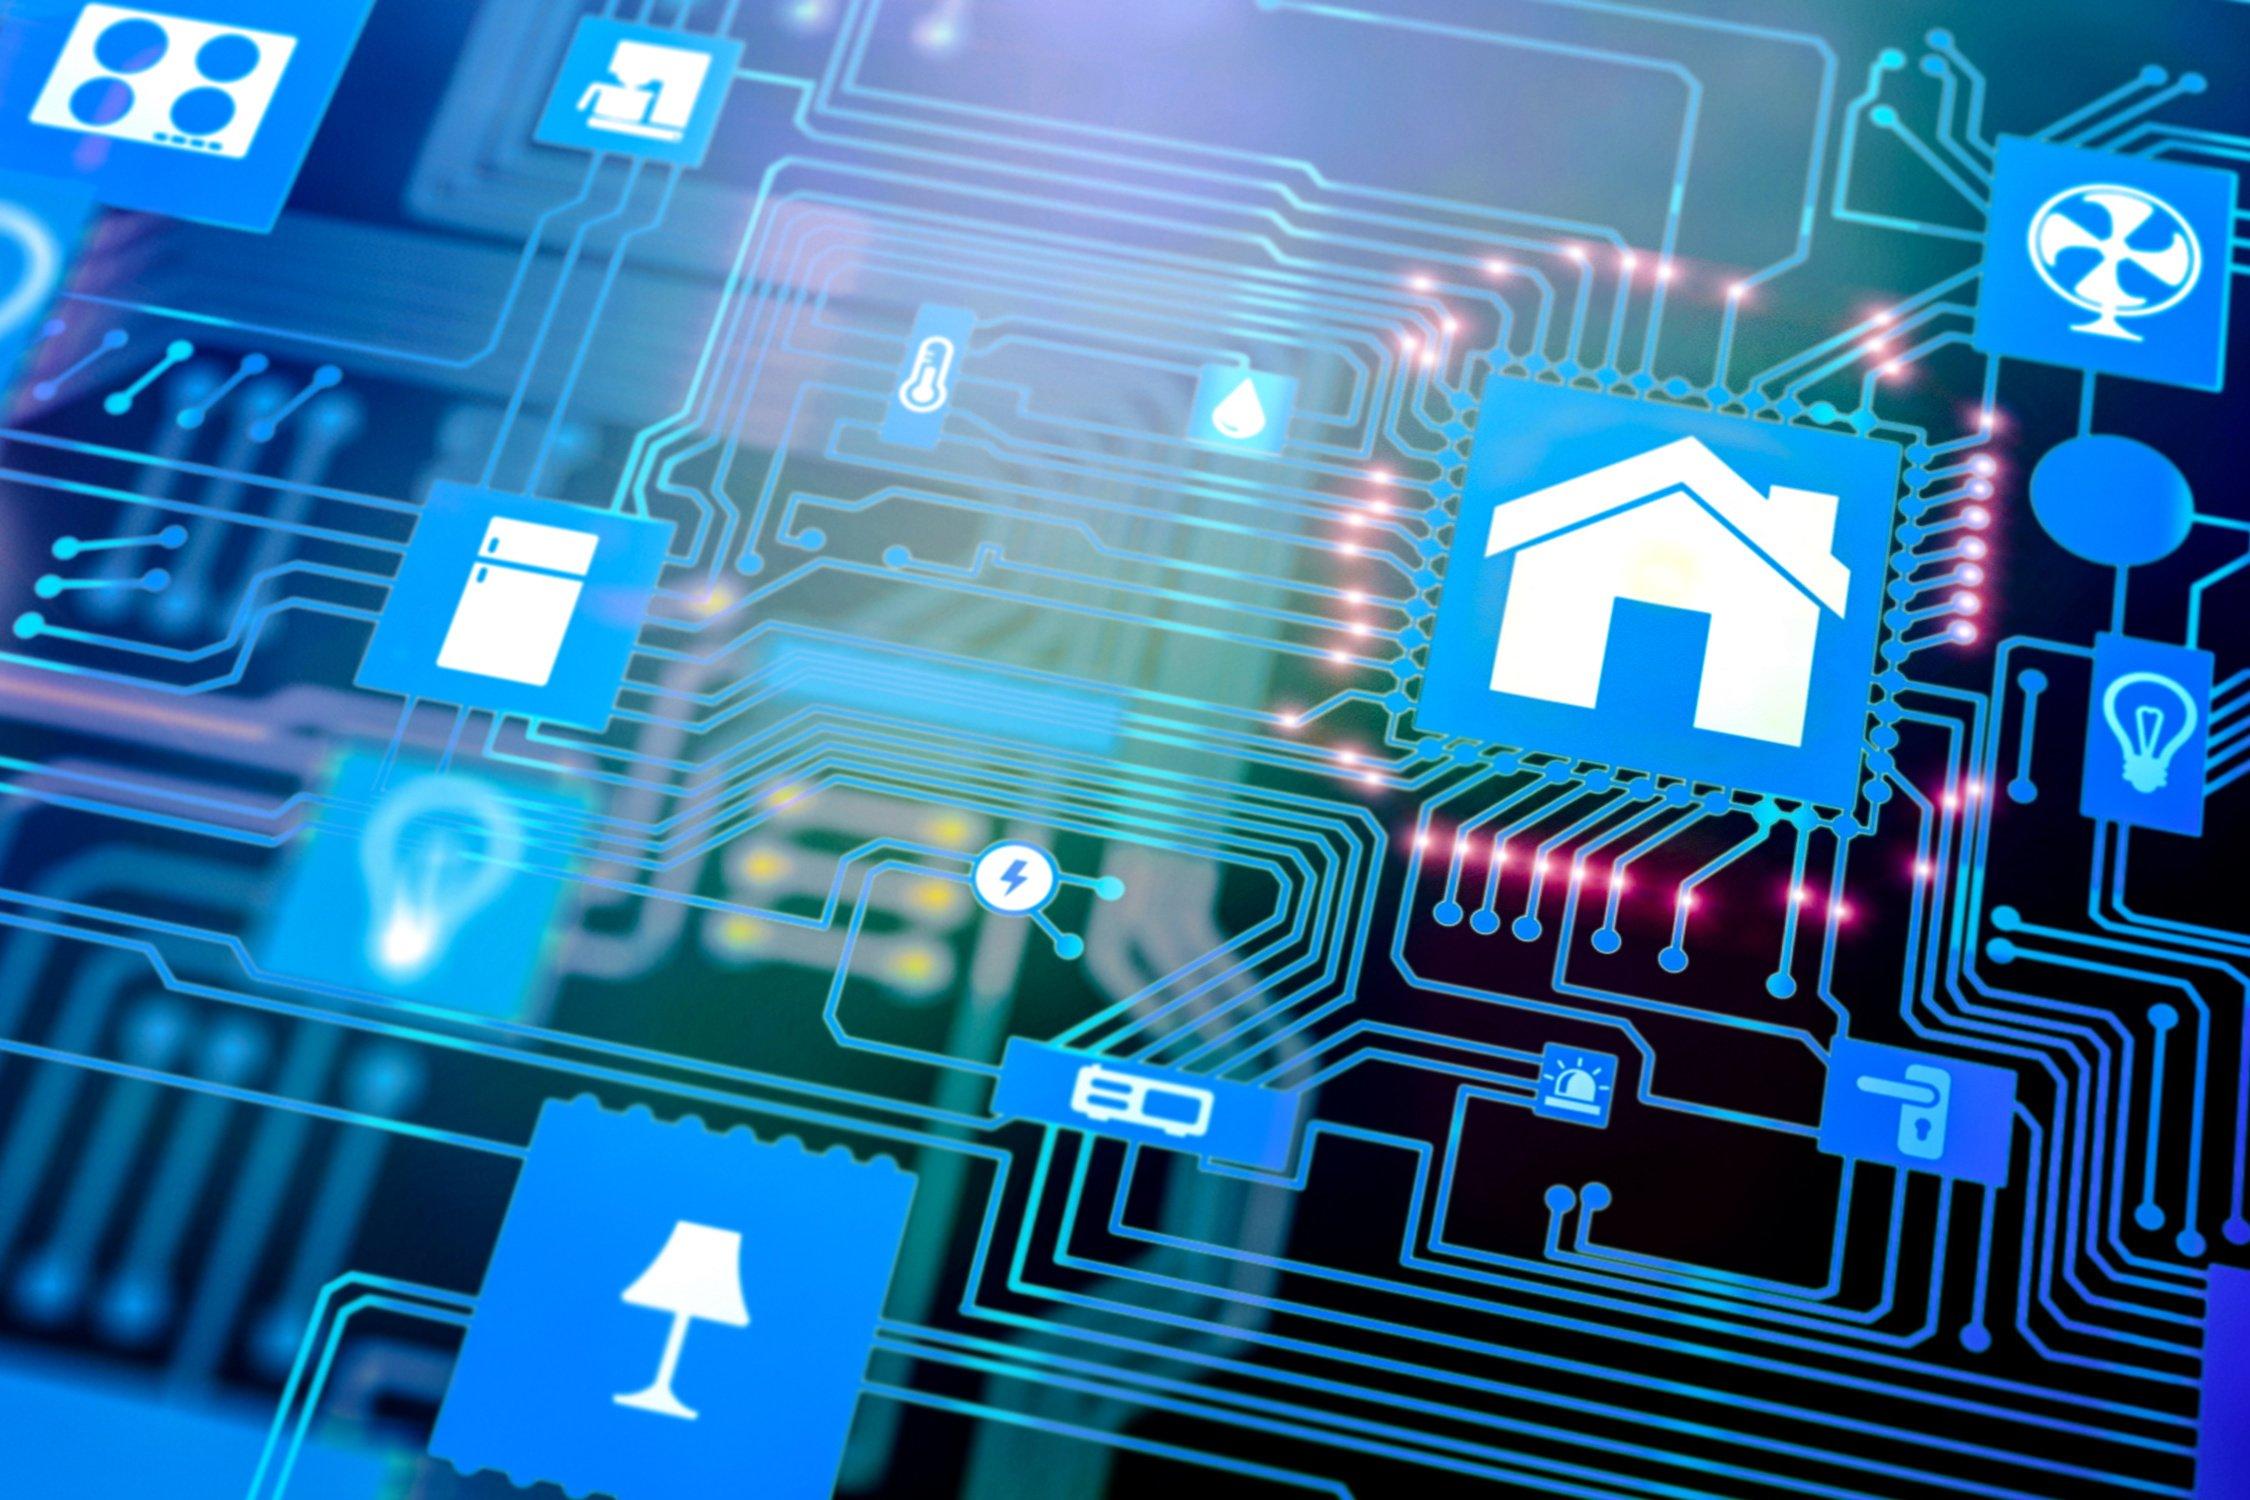 Цифровизация в ЖКХ неизбежна: как IT-технологии внедряются в сервис управляющих компаний